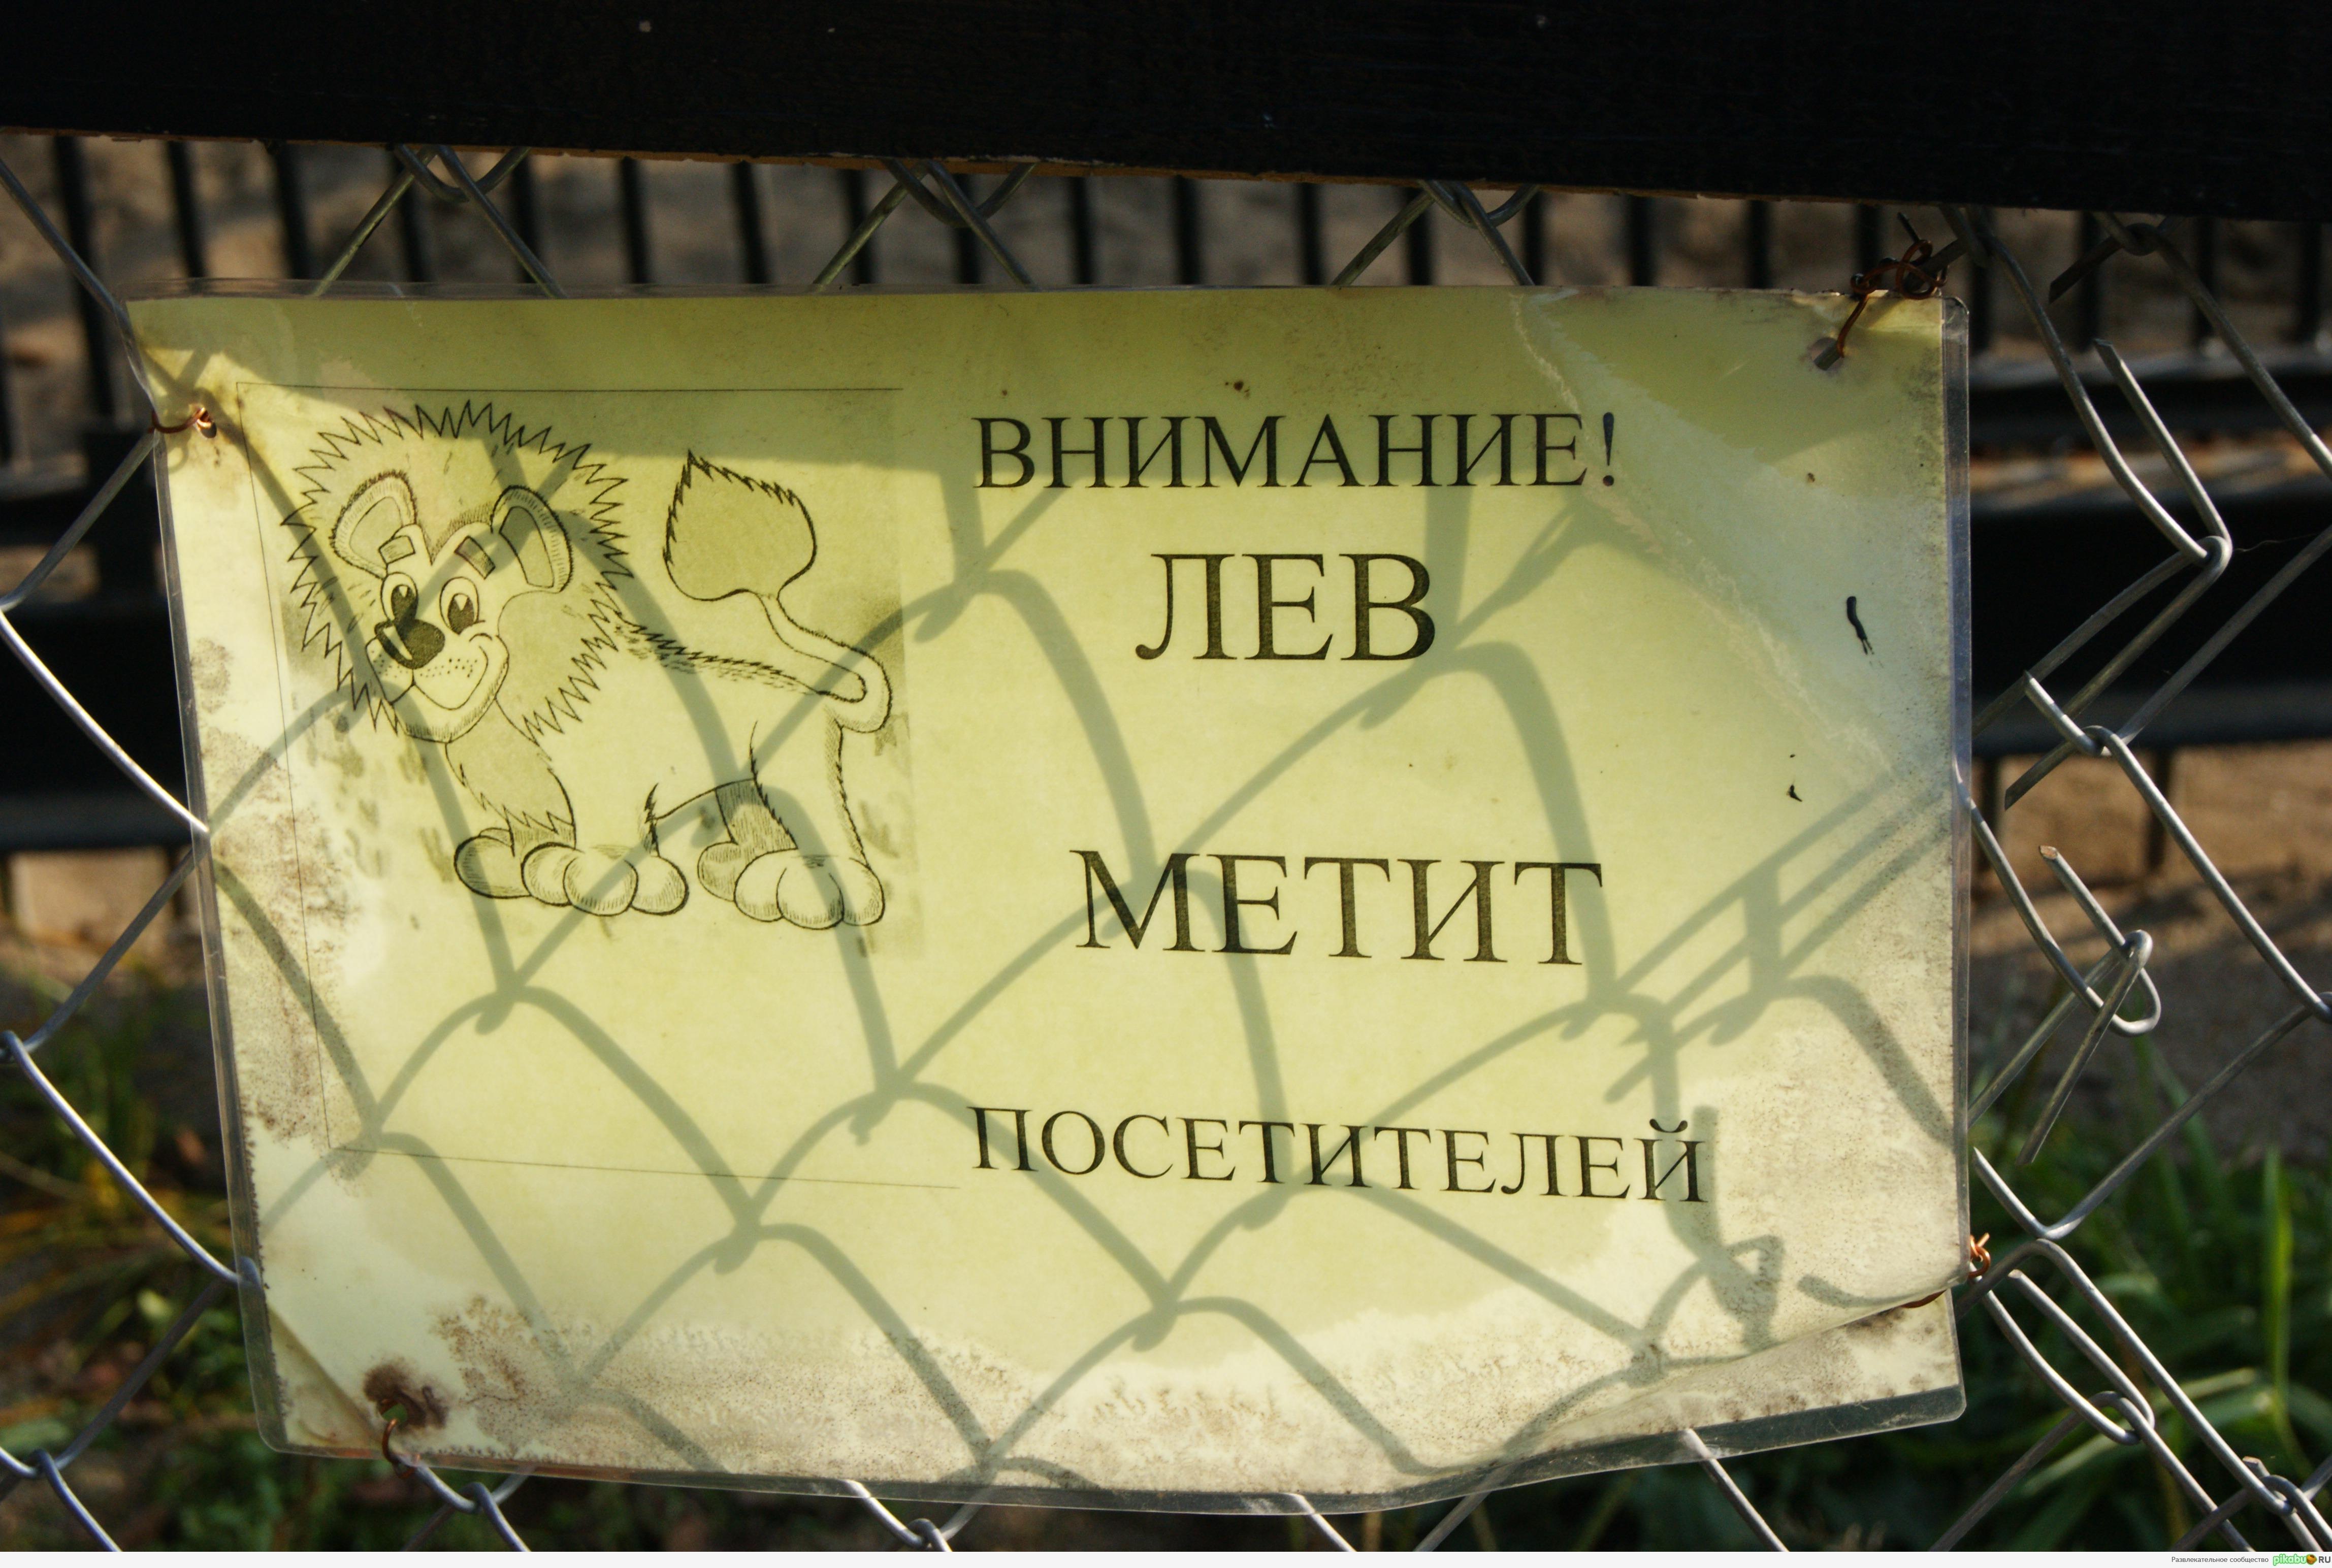 Сахком новости южно сахалинск проститутки индивидуалки65 6 фотография